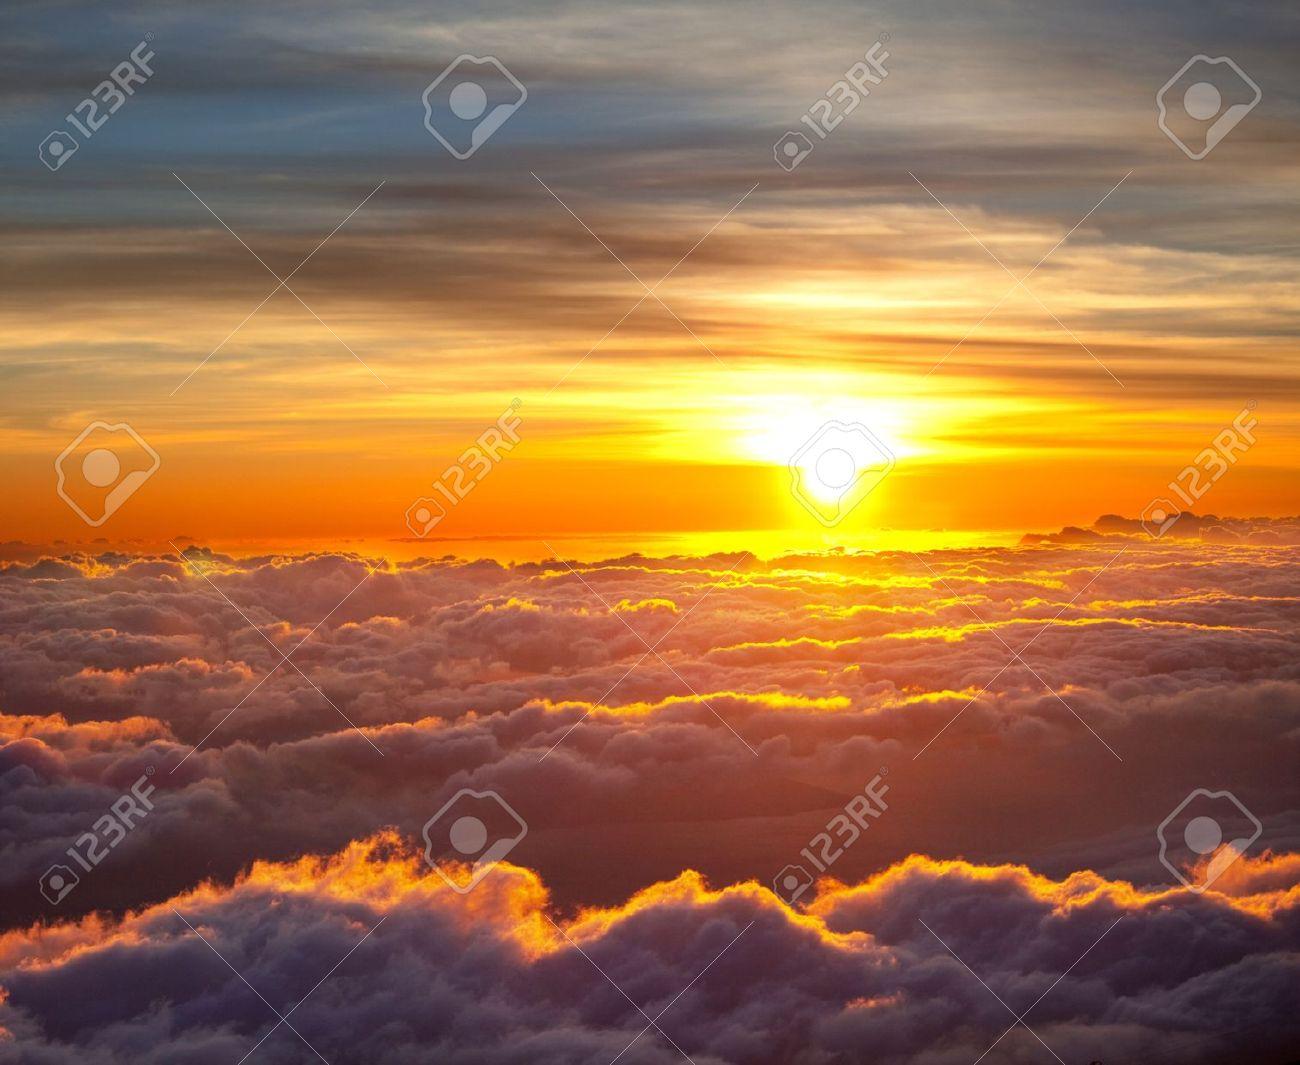 Sunset scene on Haleakala,Hawaii Stock Photo - 9589873